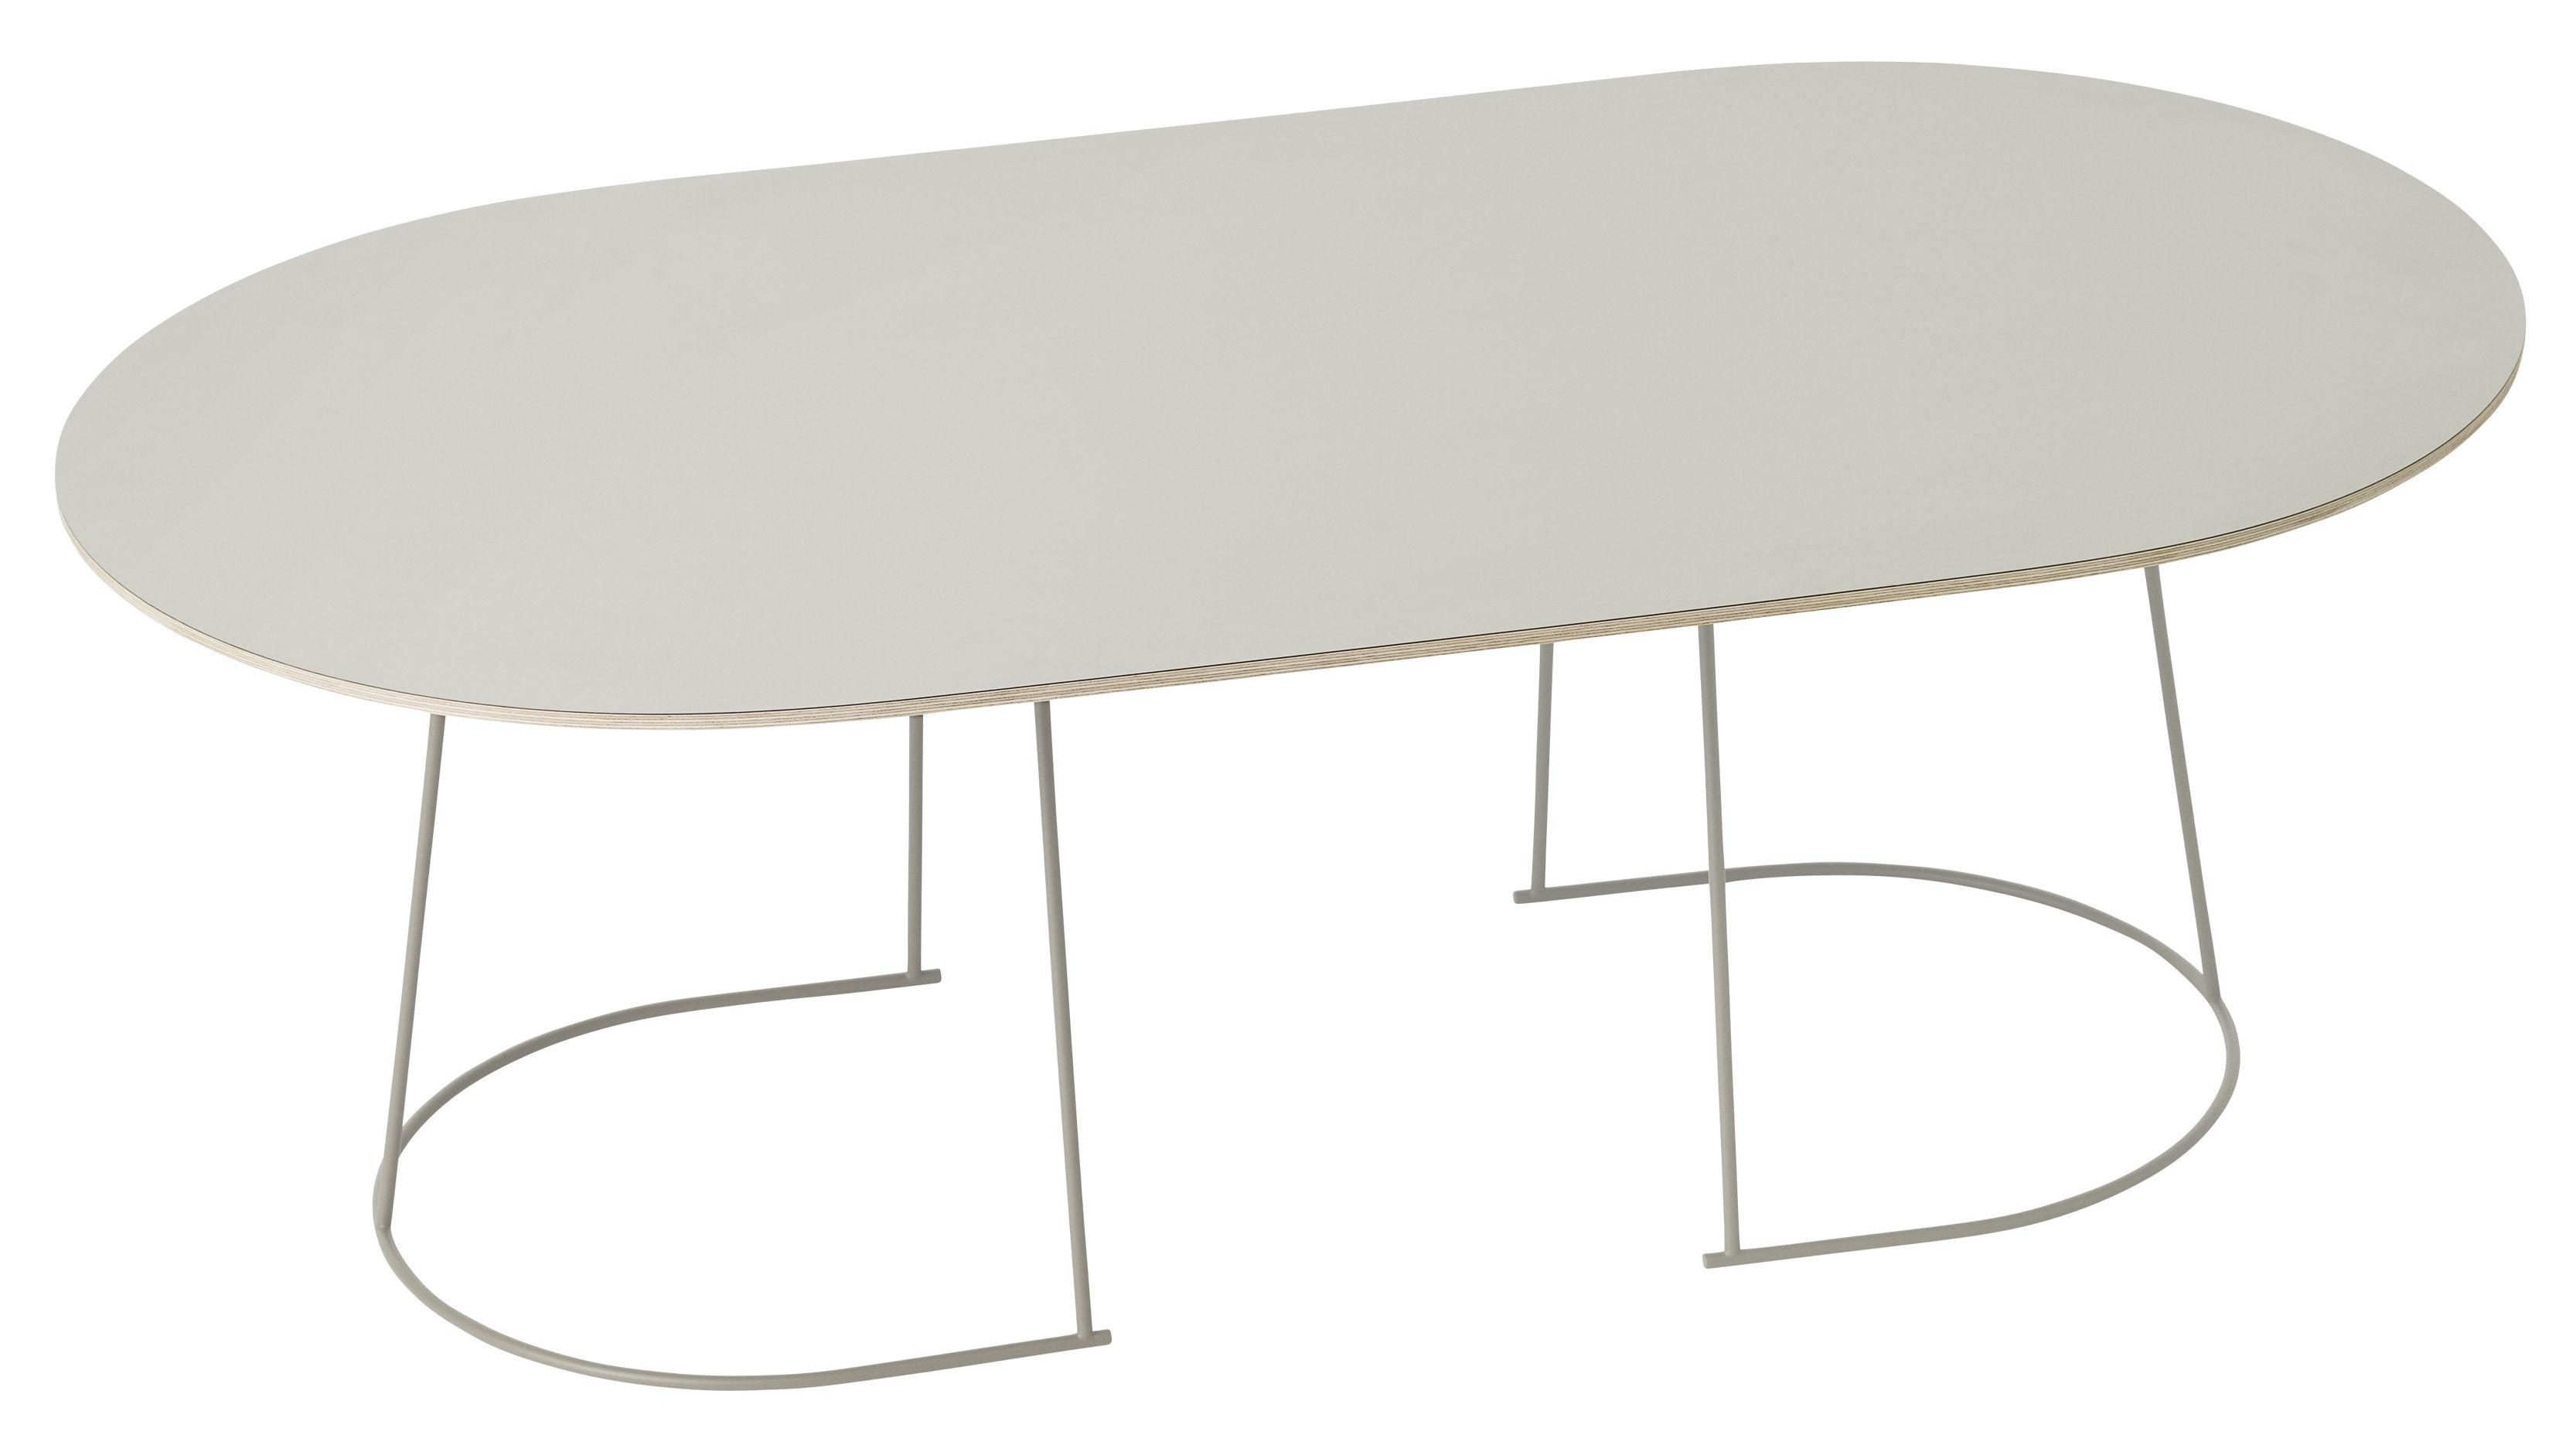 Möbel - Nachttische - Airy Couchtisch / groß - 120 x 65 cm - Muuto - Weiß  / Fußgestell weiß - bemalter Stahl, Furnier, Press-Spanplatte